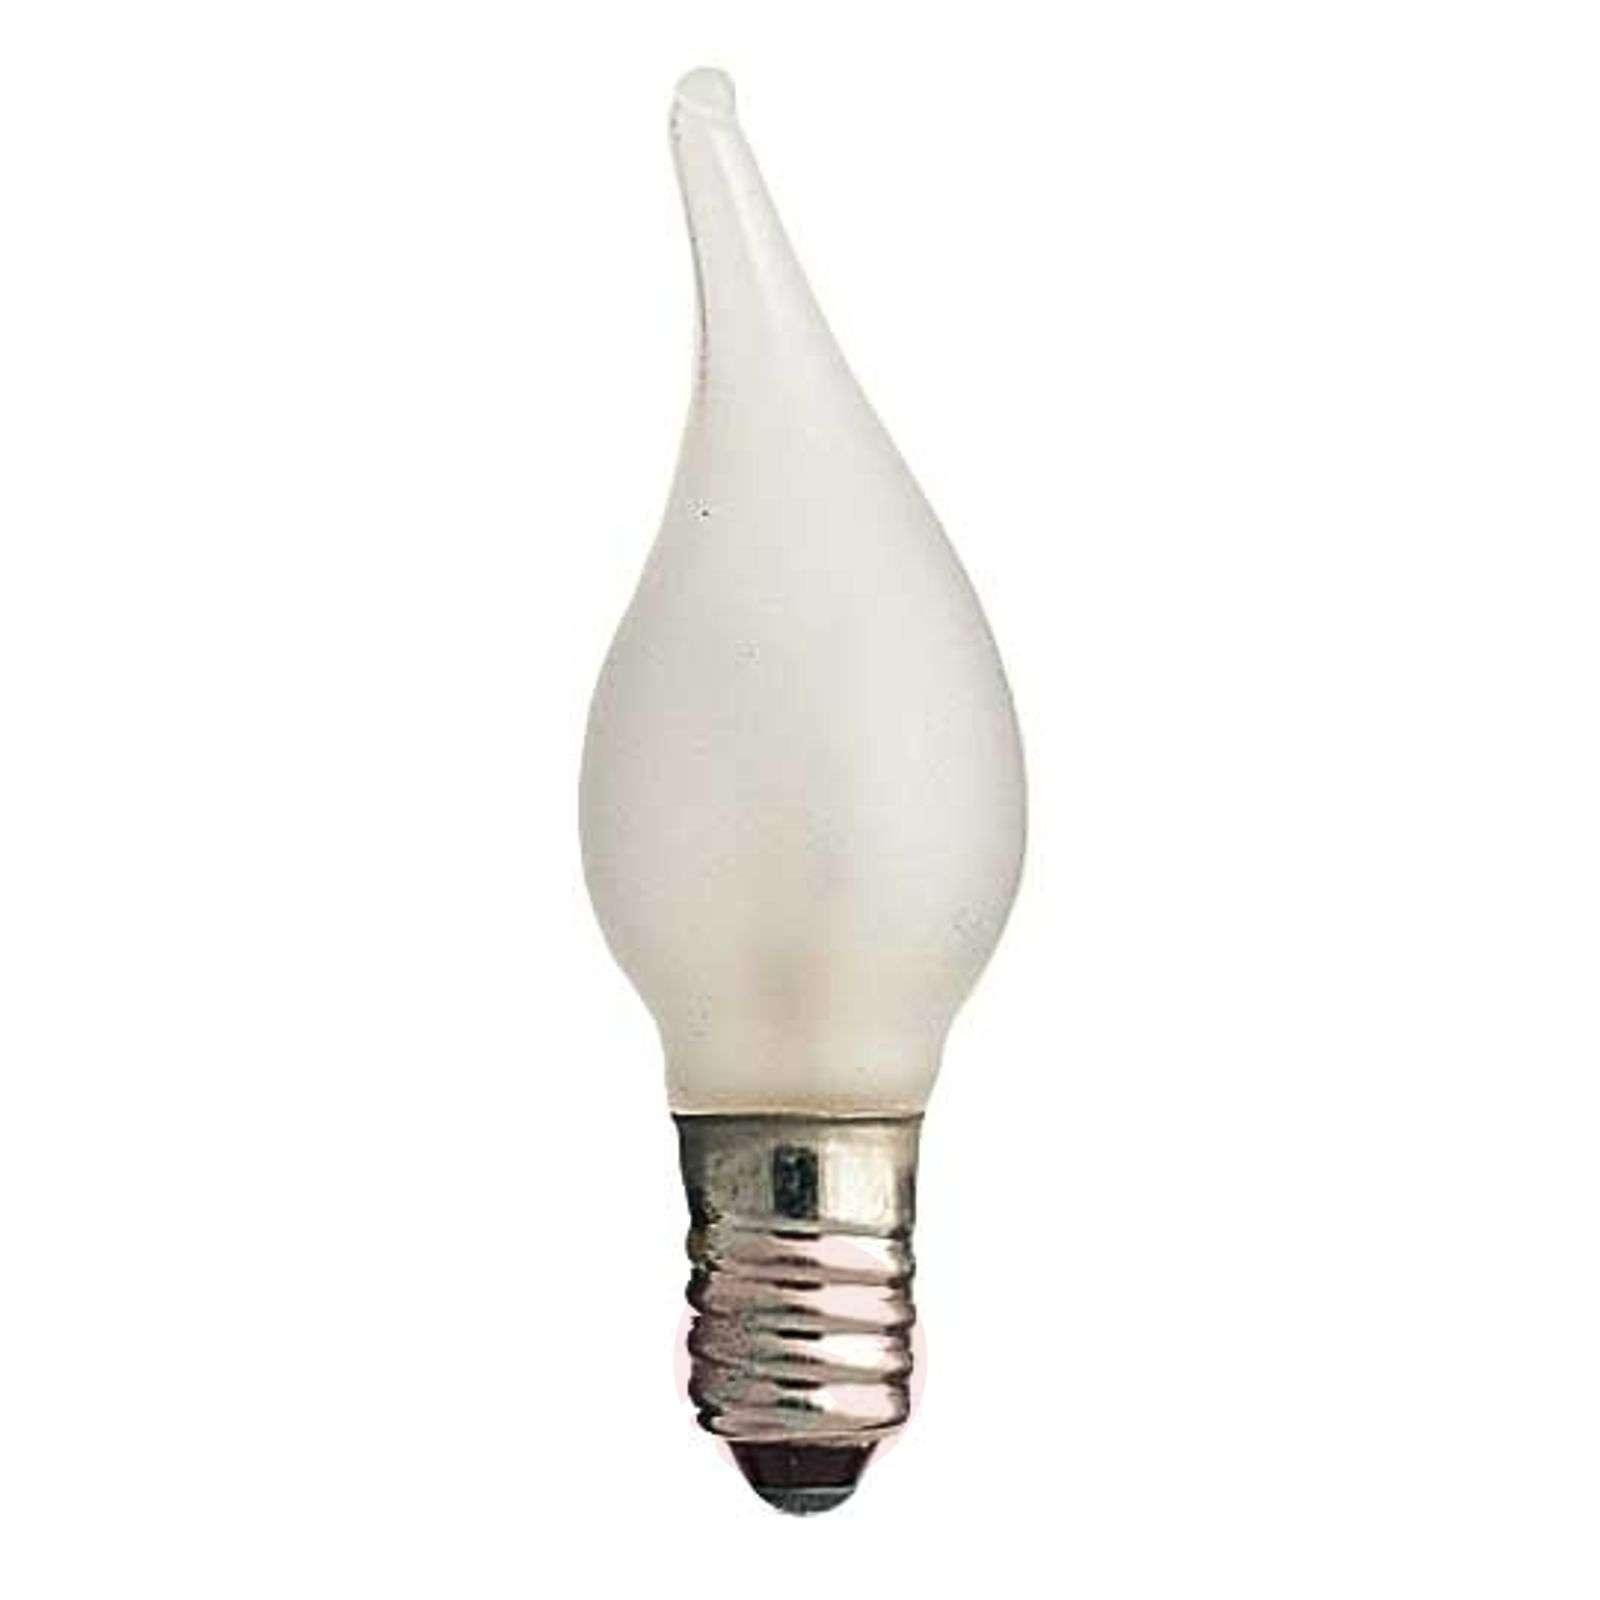 E10 3W 12V vaihtolamput 3:n setti tuulenpuuska-5524251-01